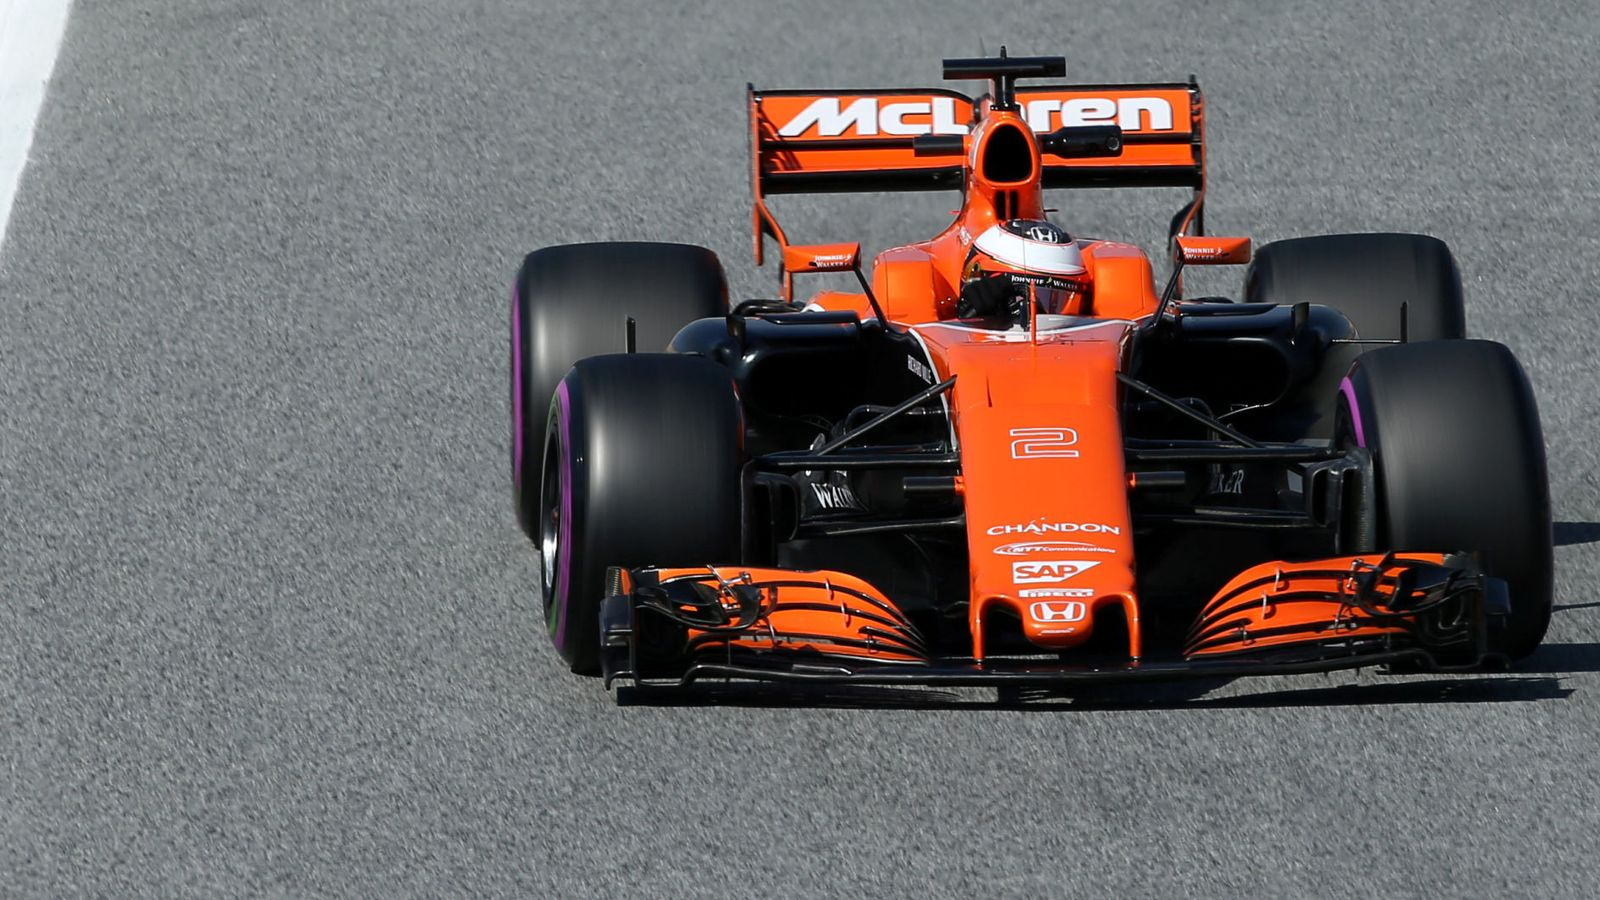 Foto: El McLaren, en la pista (Albert Gea/Reuters).